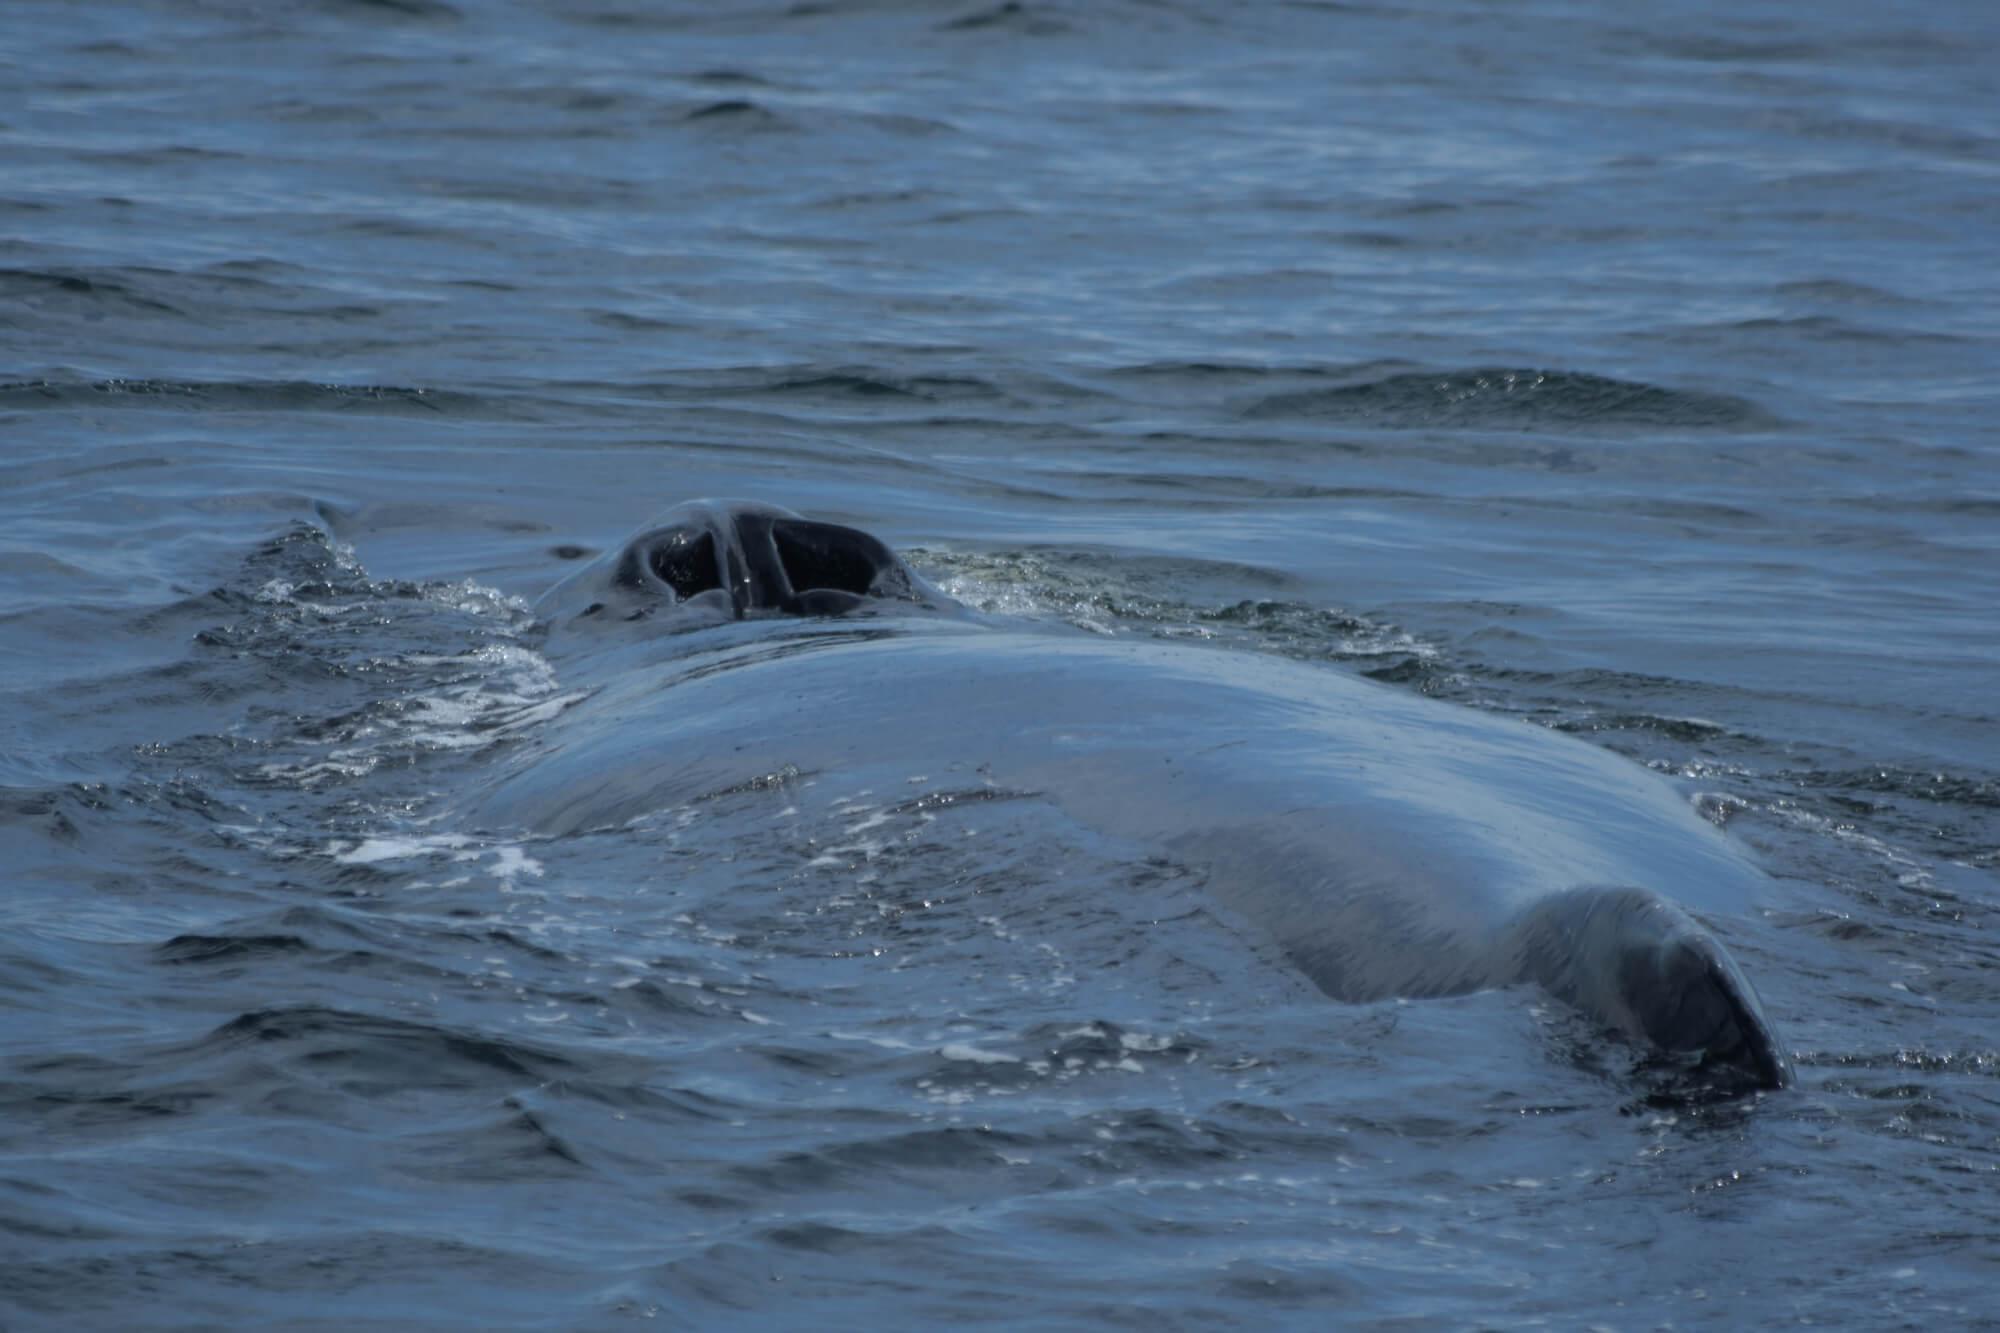 Les évents et la nageoire dorsale du rorqual à bosse Tic Tac Toe